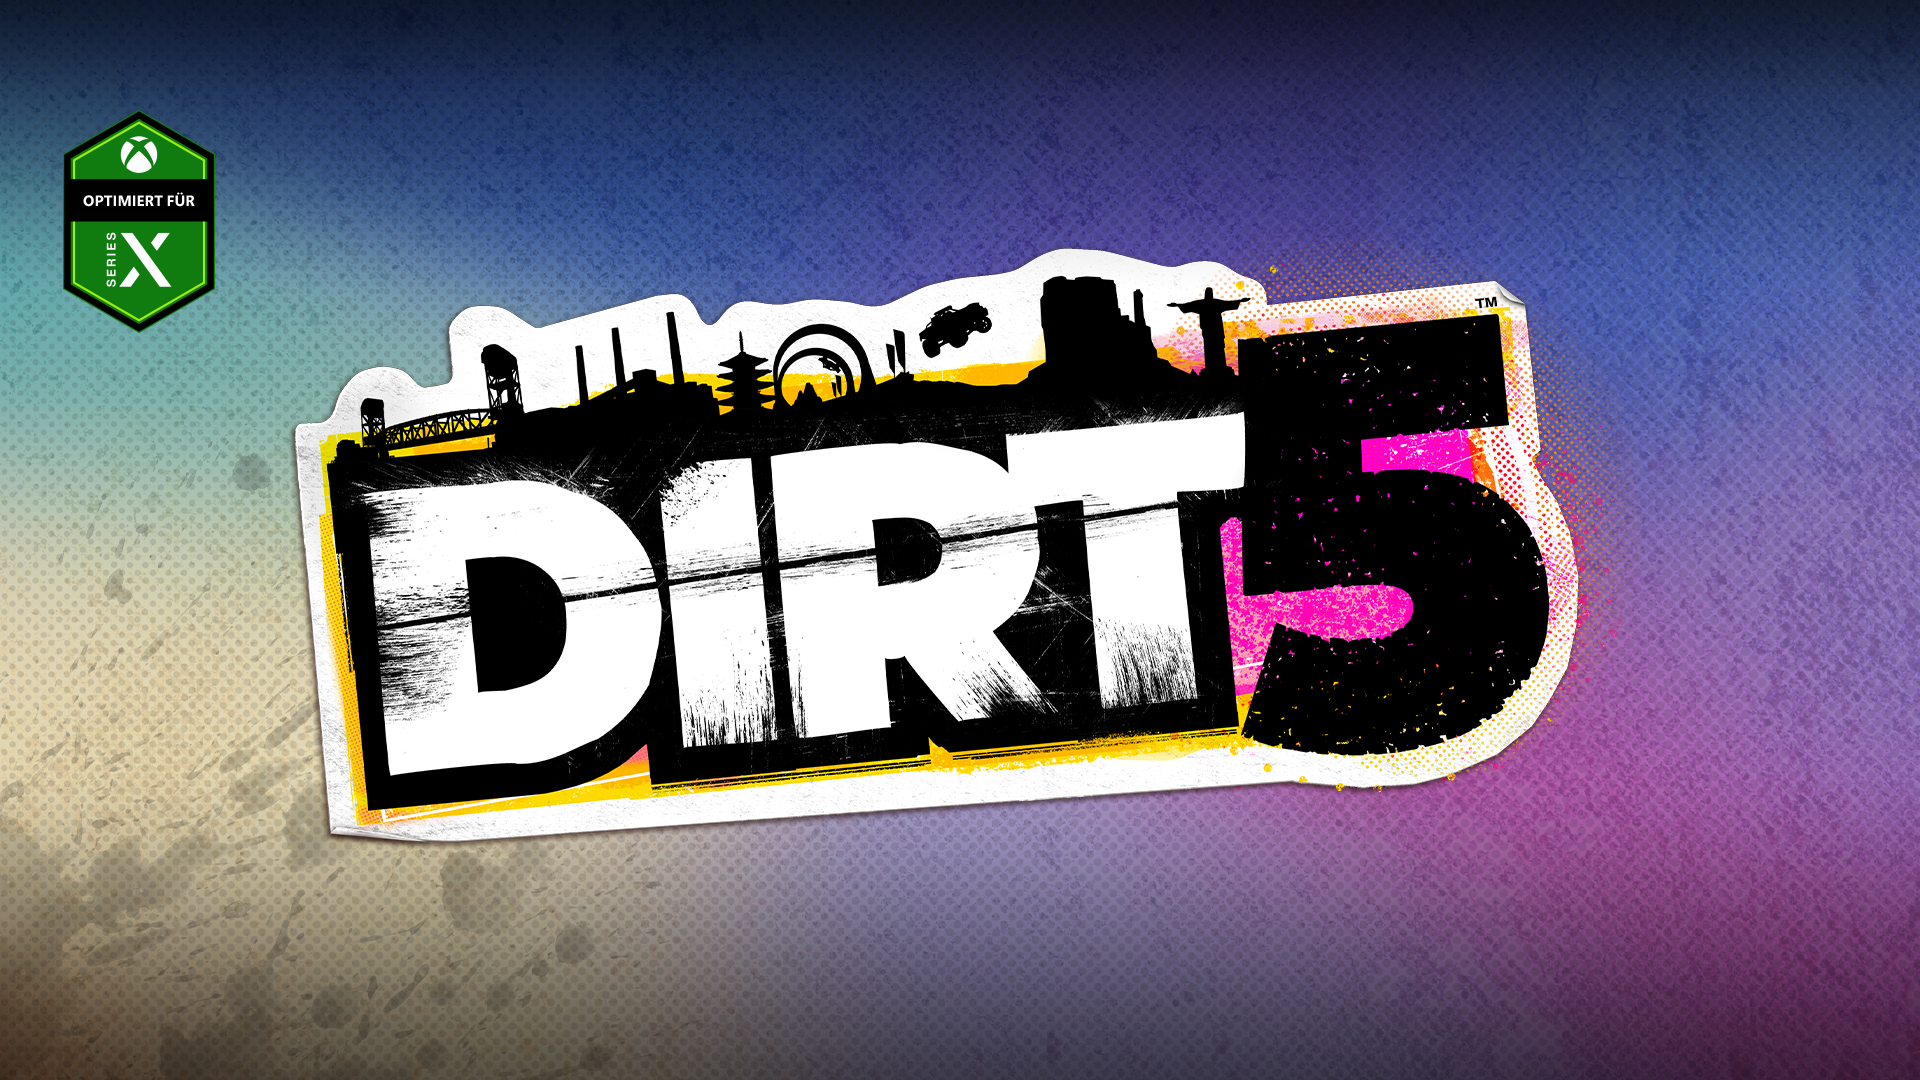 Optimiert für Series X-Logo, DIRT 5-Logo auf einem farbenfrohen Hintergrund